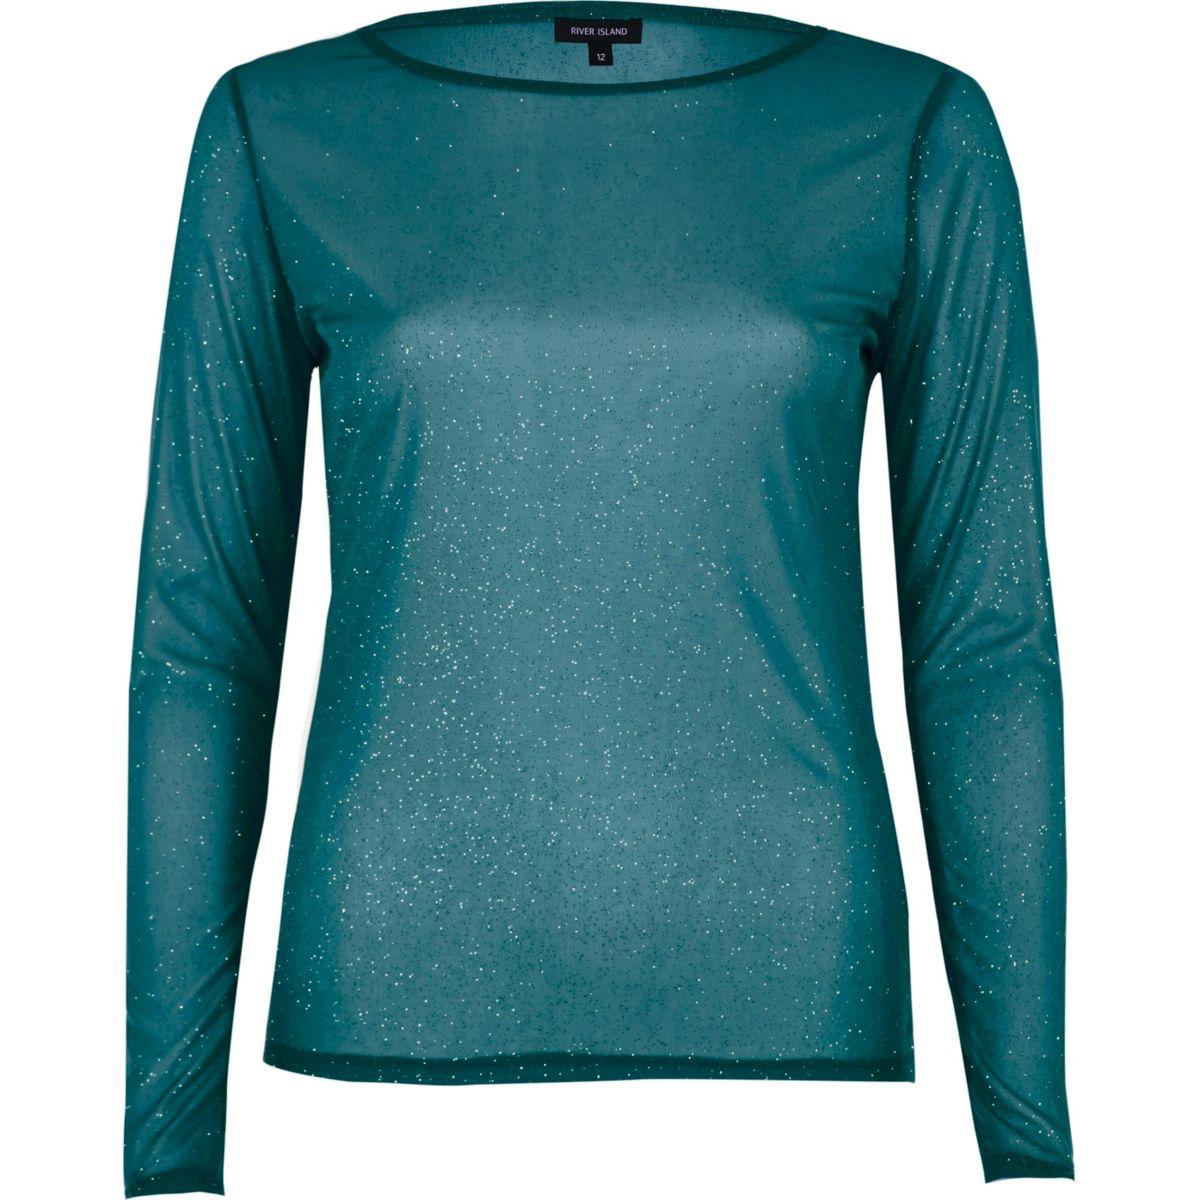 Green glitter mesh long sleeve top